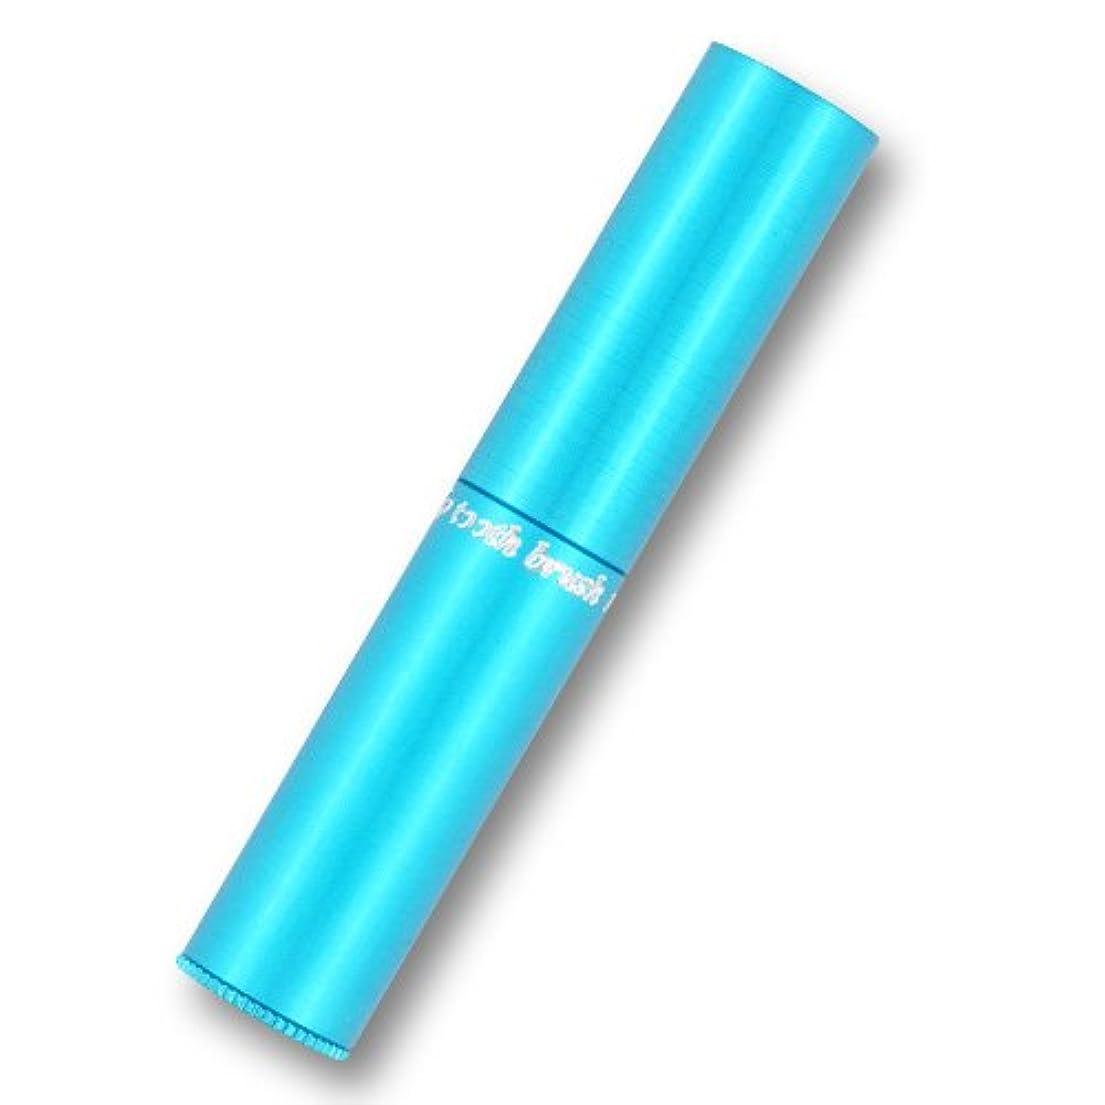 誇りに思う支給ブリーフケース携帯歯ブラシ?タベタラmigaCO(ブルー)